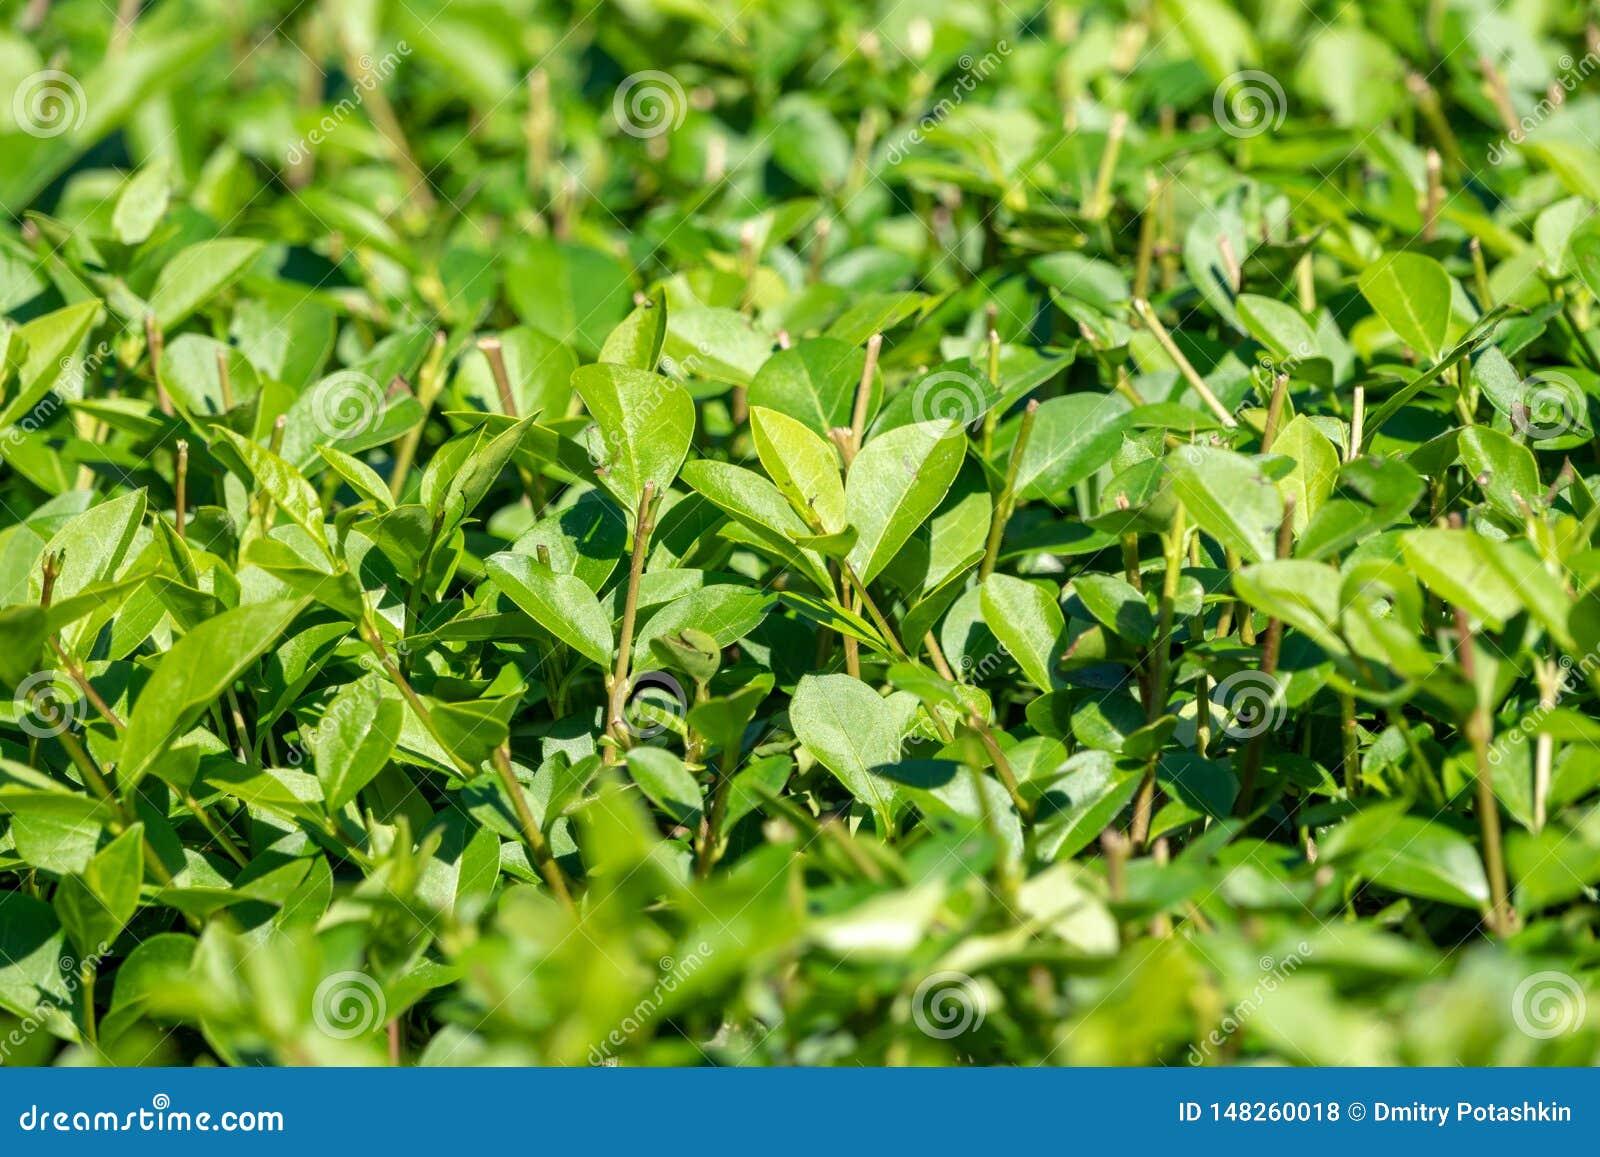 Зеленые кусты с уравновешенными ветвями и молодыми листьями